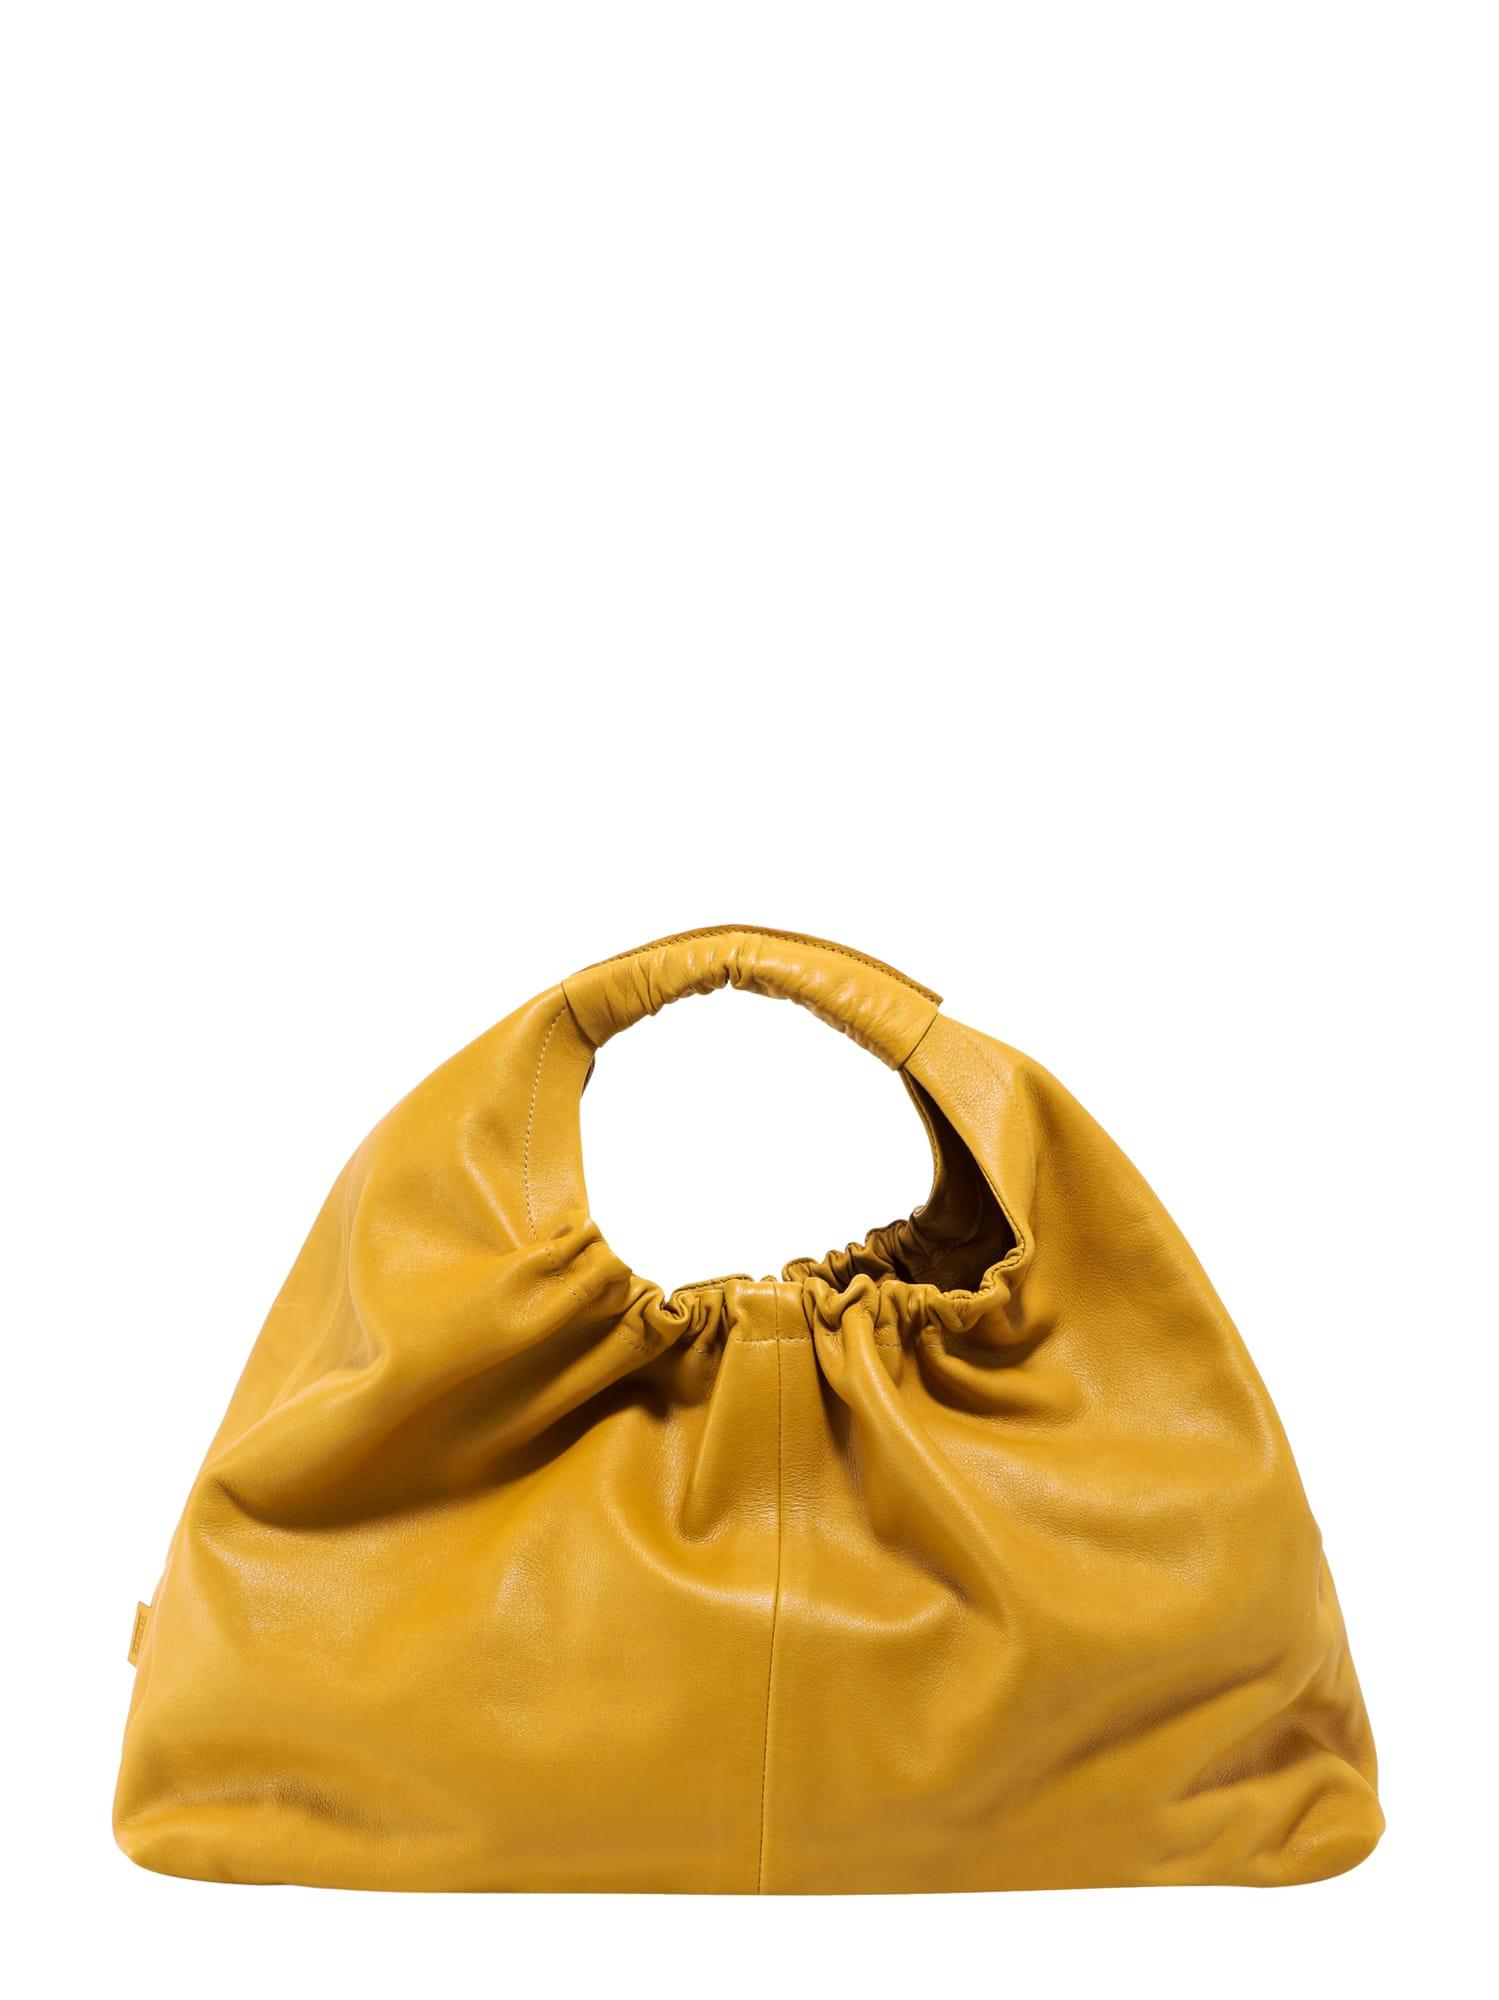 Closed Bags HANDBAG